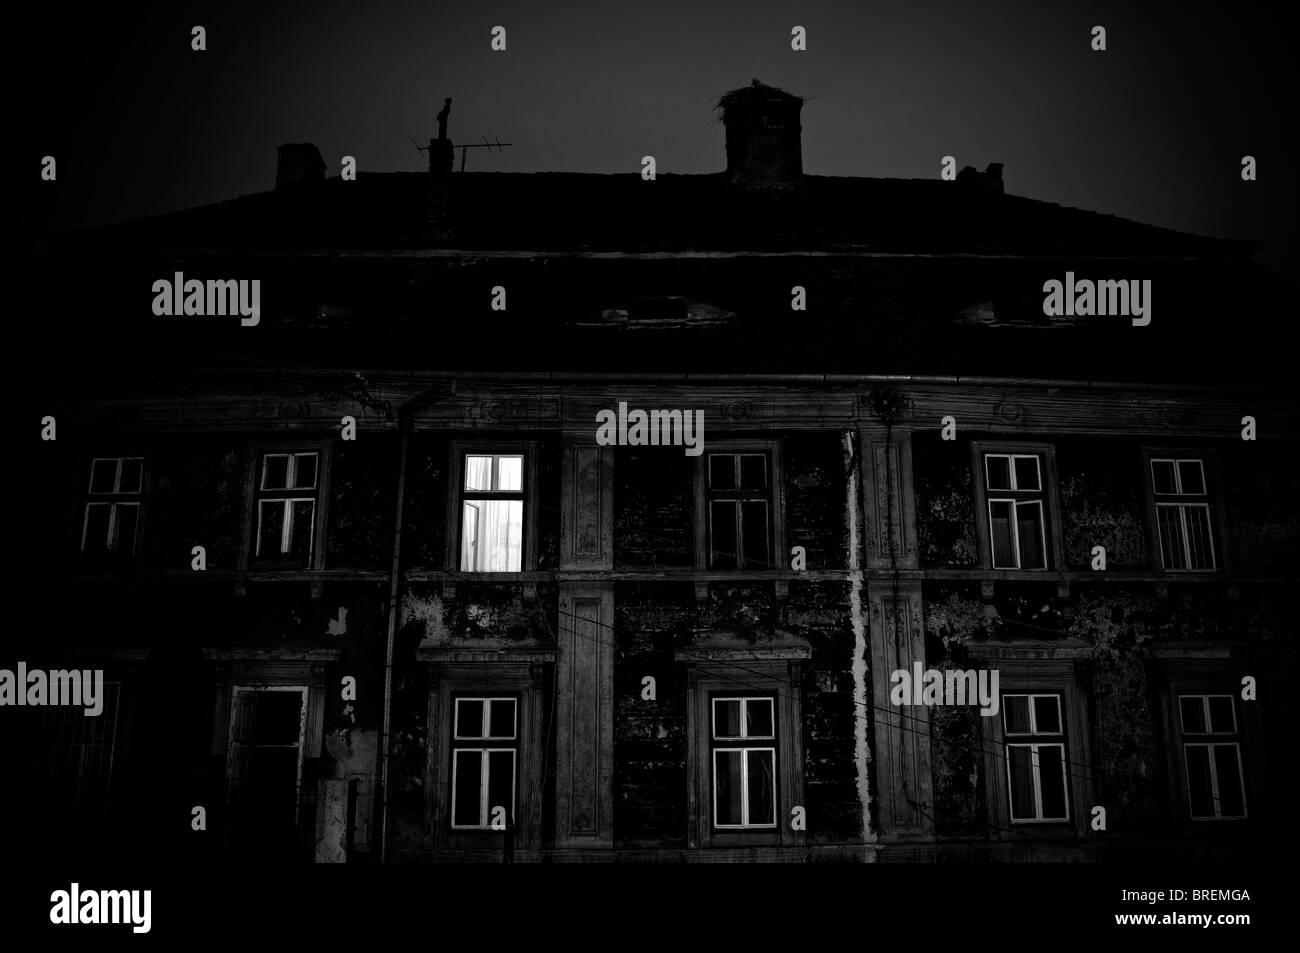 Roumanie, Sibiu. La lumière d'une fenêtre d'une ancienne maison la nuit Photo Stock